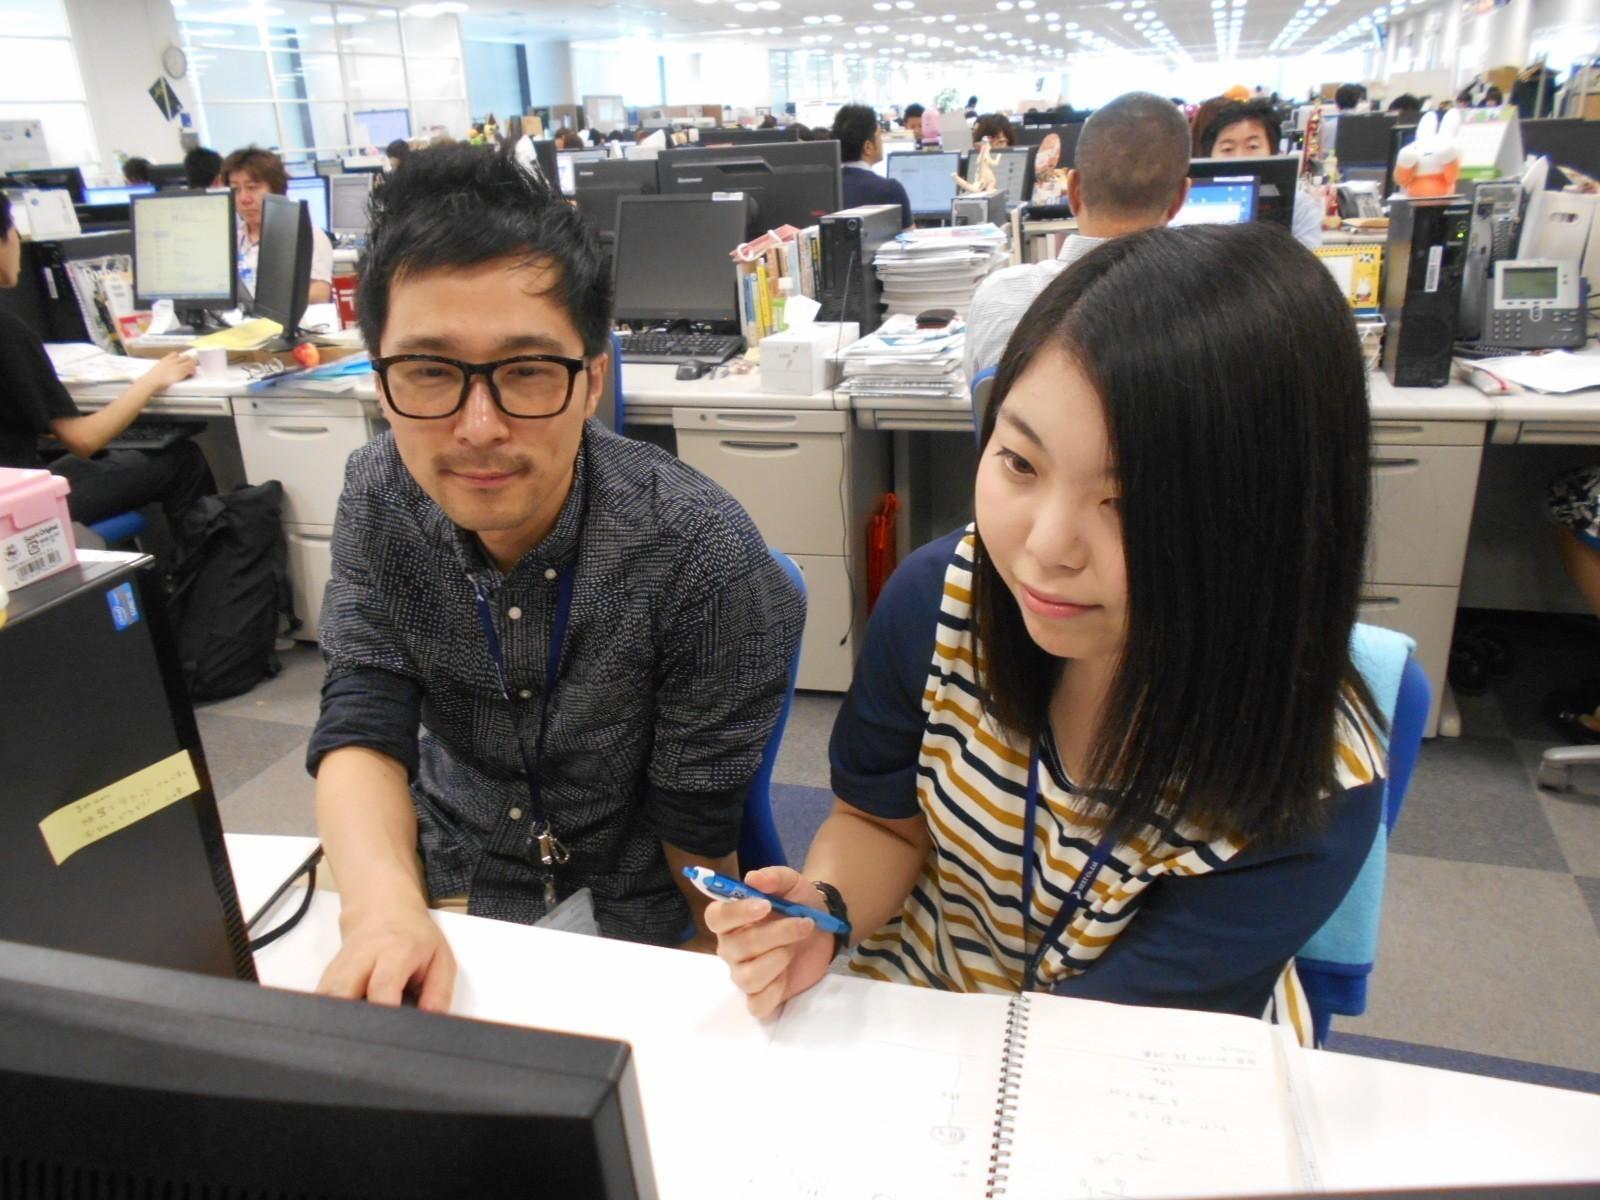 日本最大級の不動産・住宅情報サイト「LIFULLHOME'S」の新築分譲戸建てや中古不動産領域のサービス開発を担う組織にて活躍してくれるエンジニアを募集!